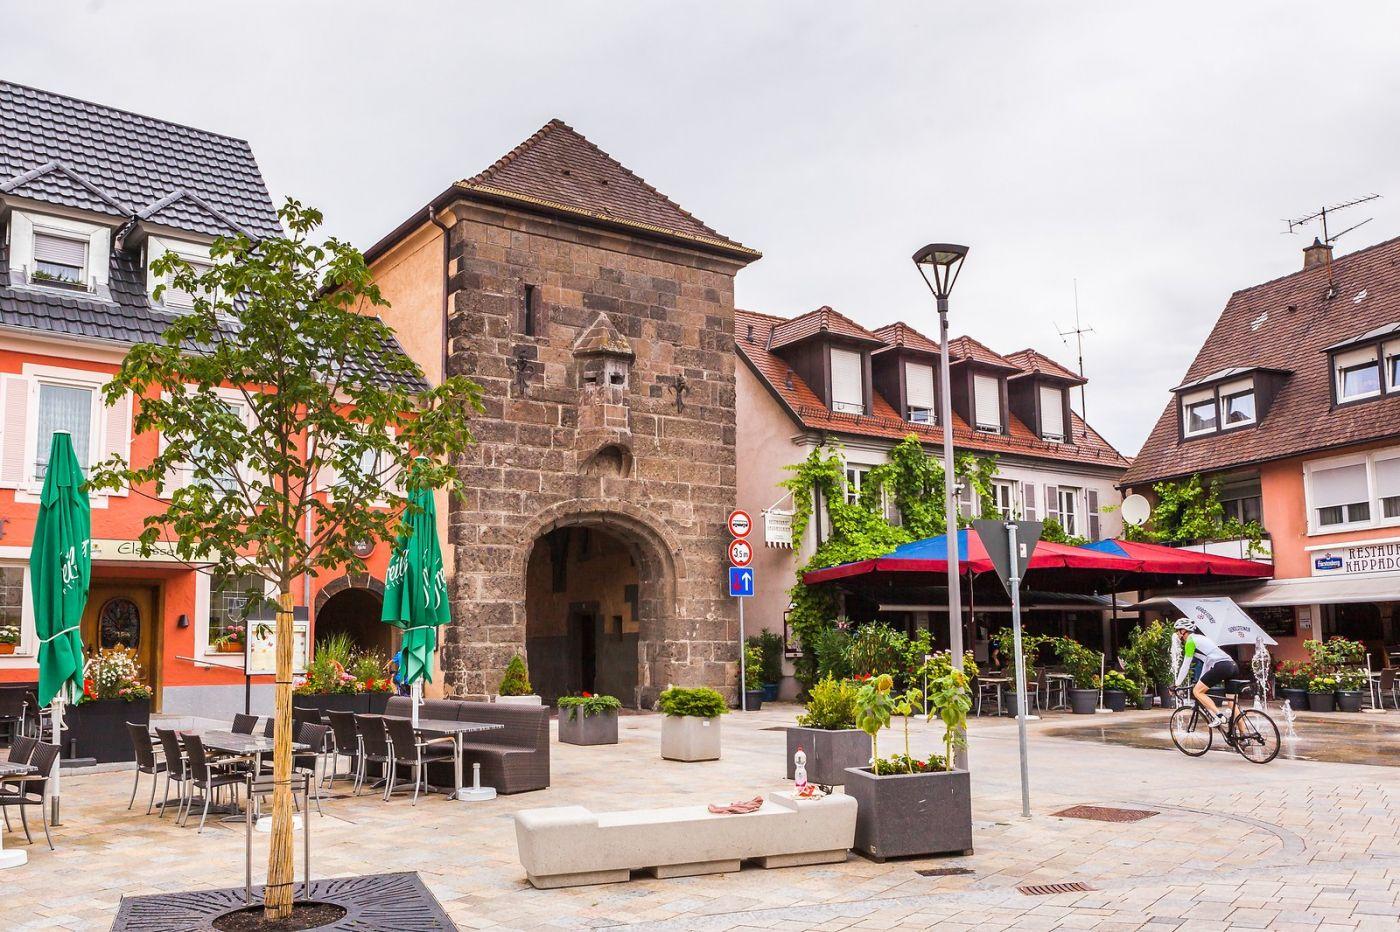 德国布赖萨赫(Breisach),城小历史久_图1-16